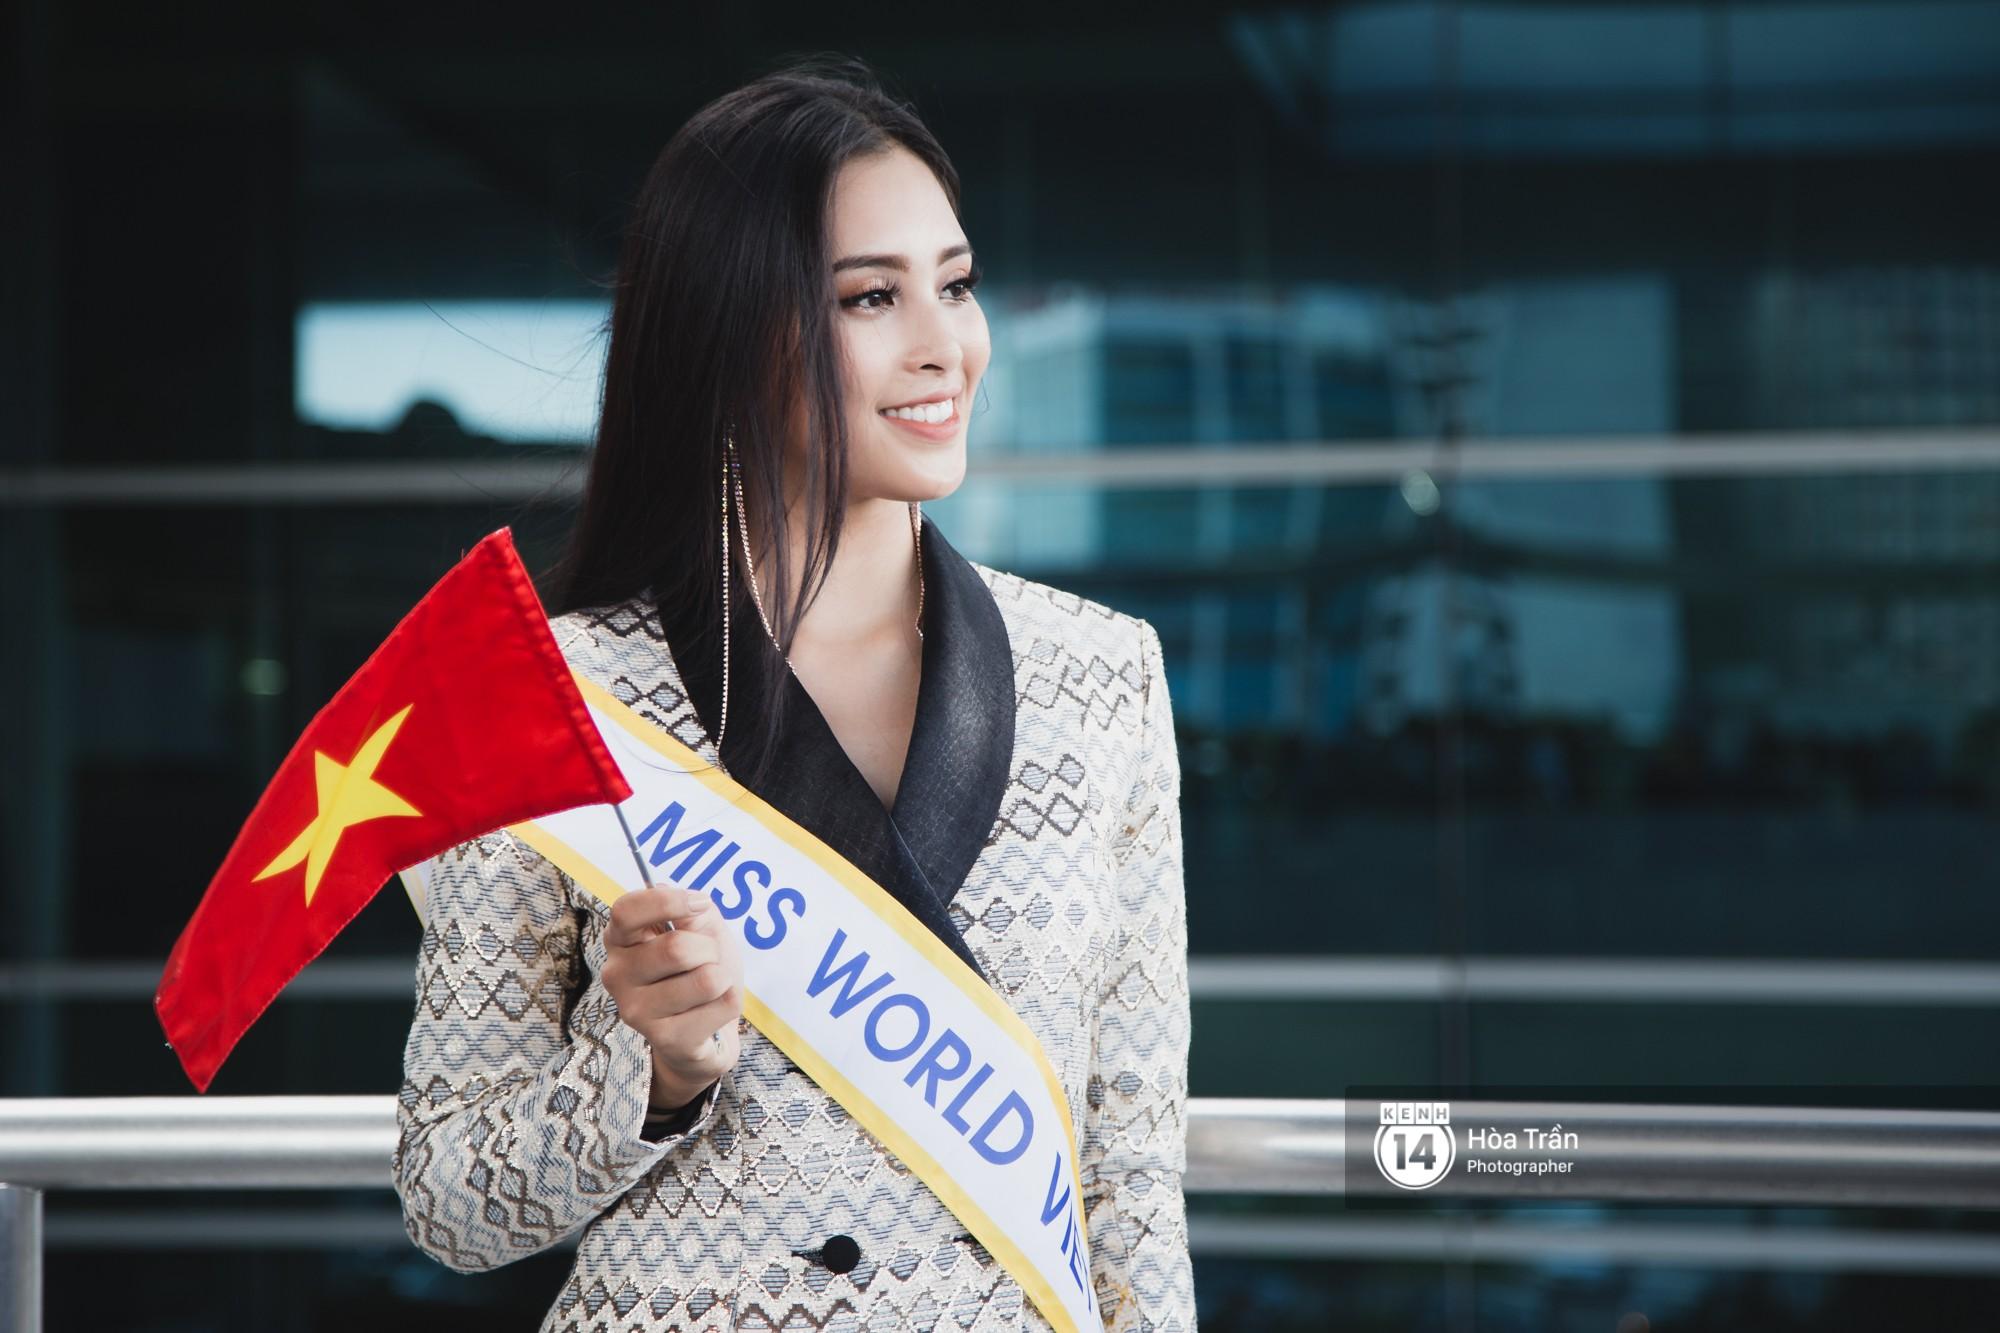 Mẹ cùng người hâm mộ tiễn Trần Tiểu Vy lên đường sang Trung Quốc chinh chiến Miss World 2018 - Ảnh 1.